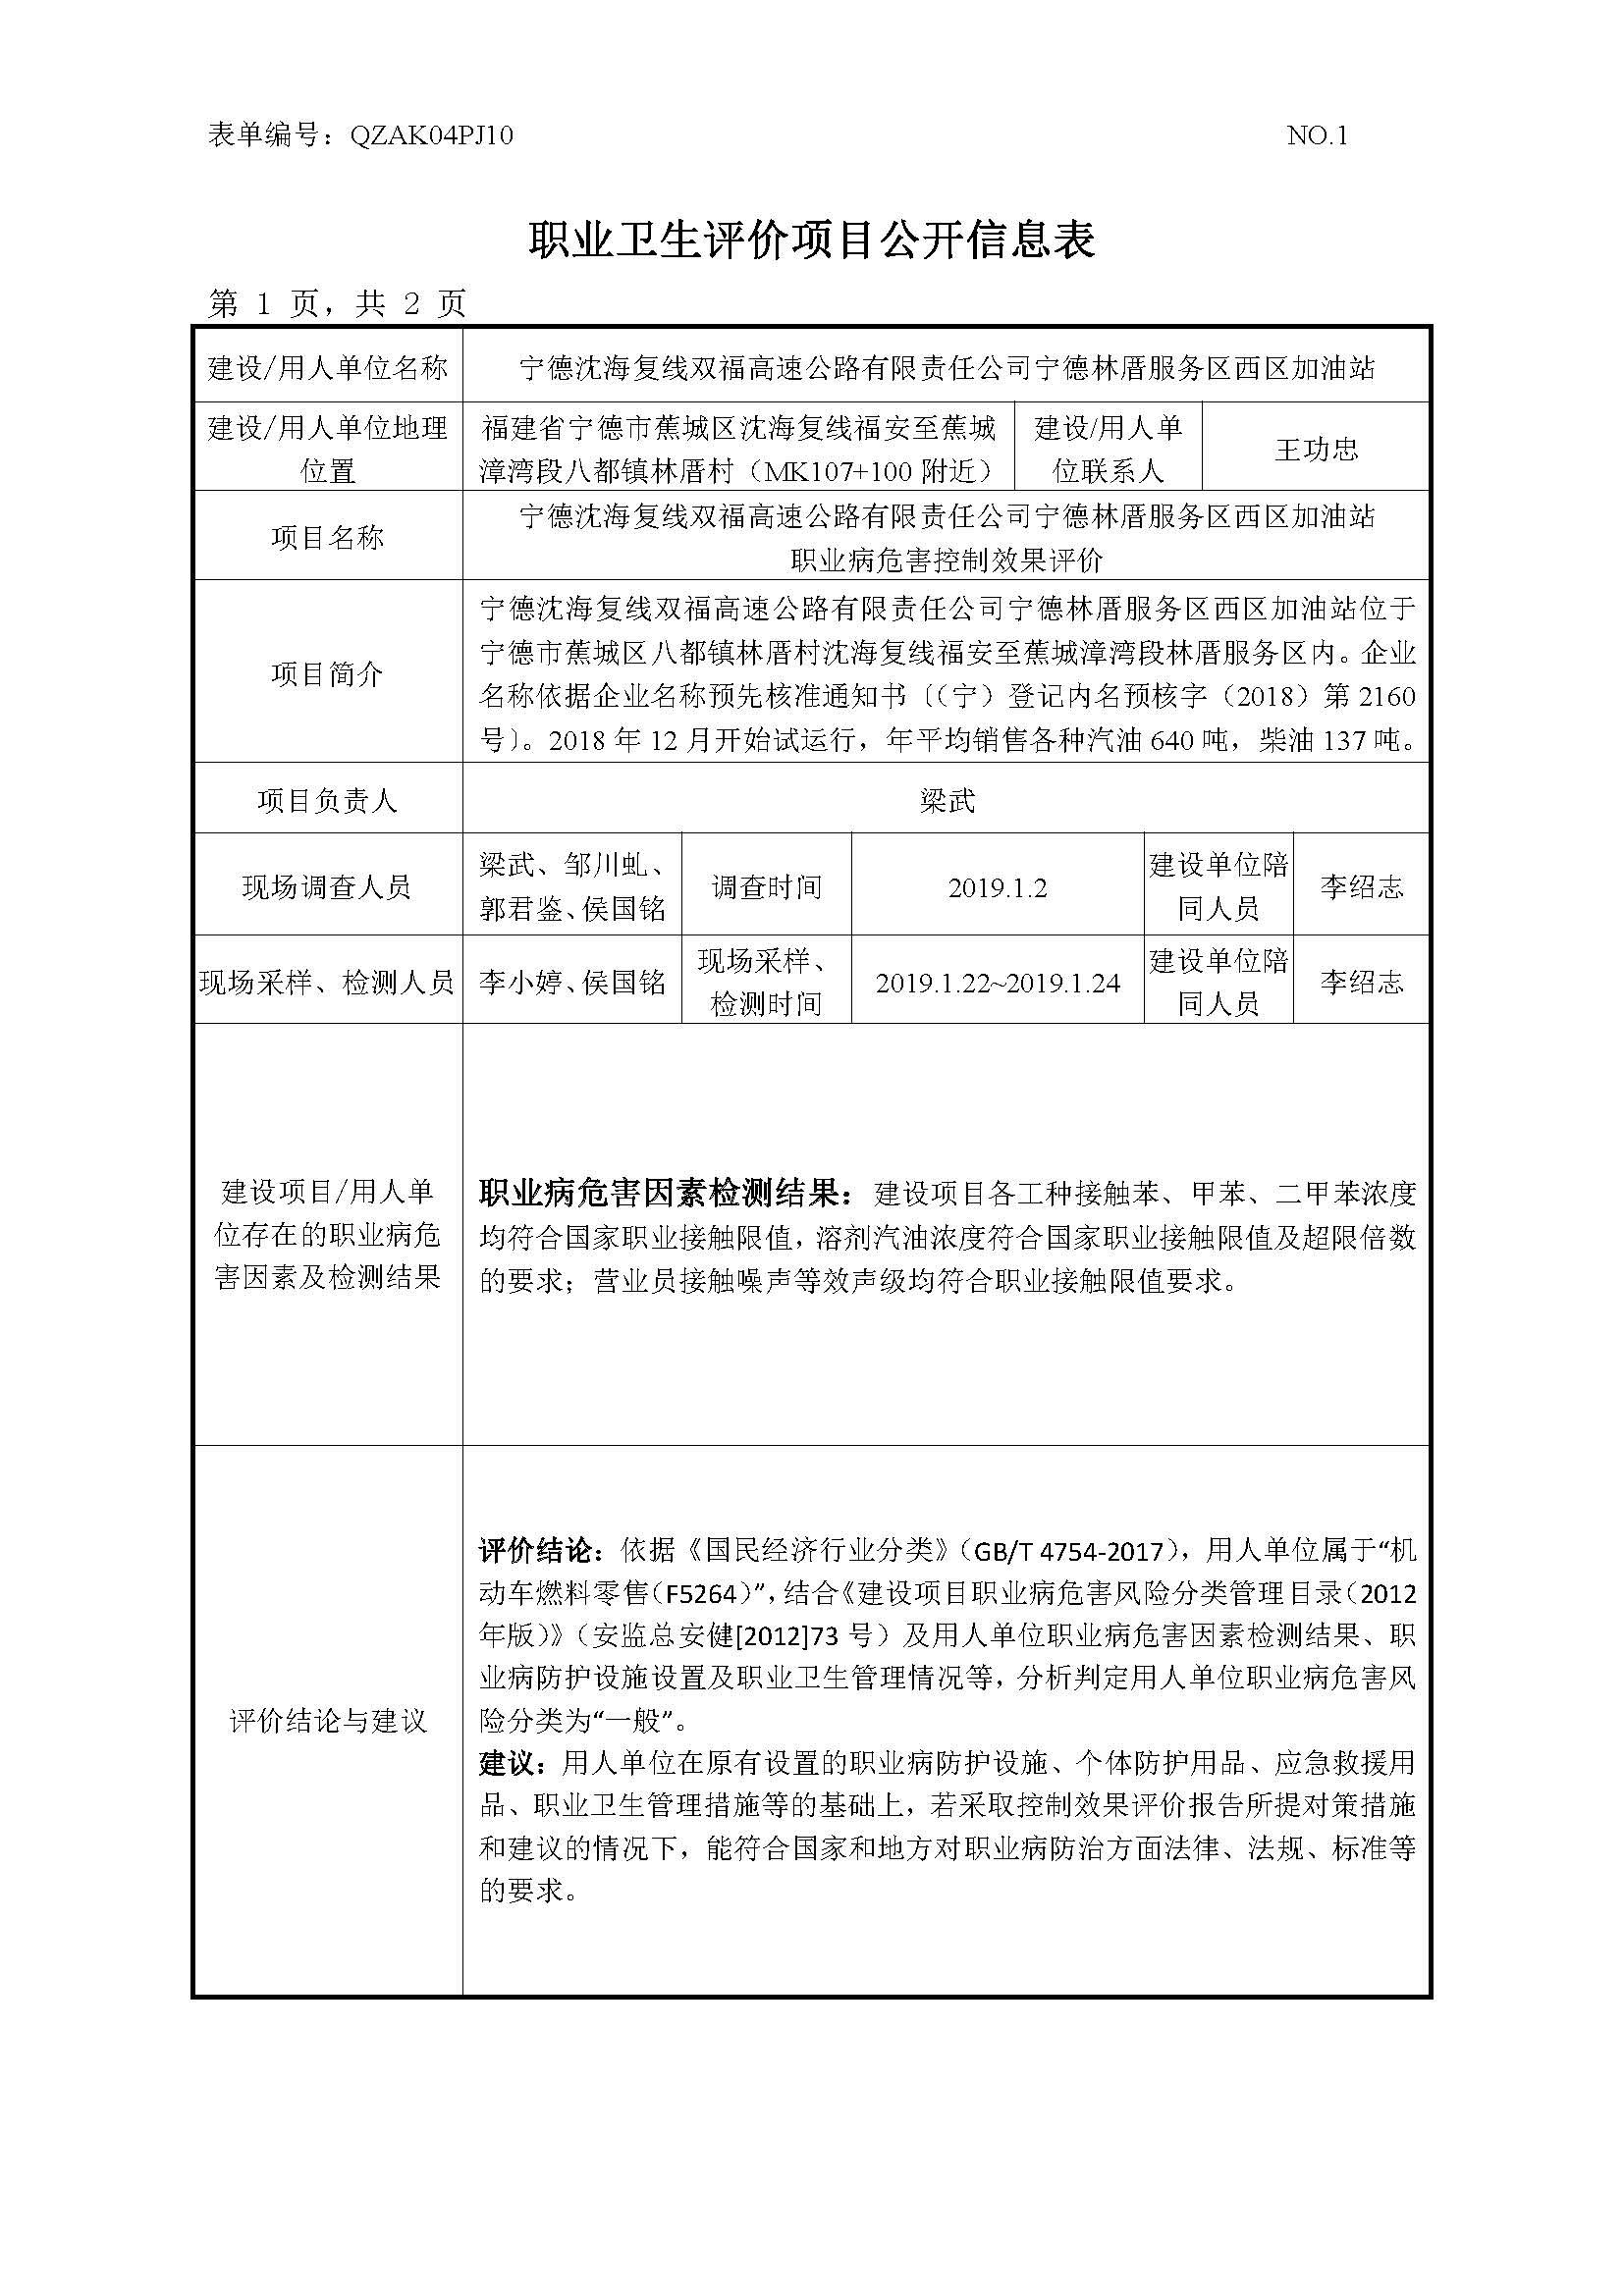 宁德沈海复线双福高速公路有限责任公司宁德林厝服务区西区加油站